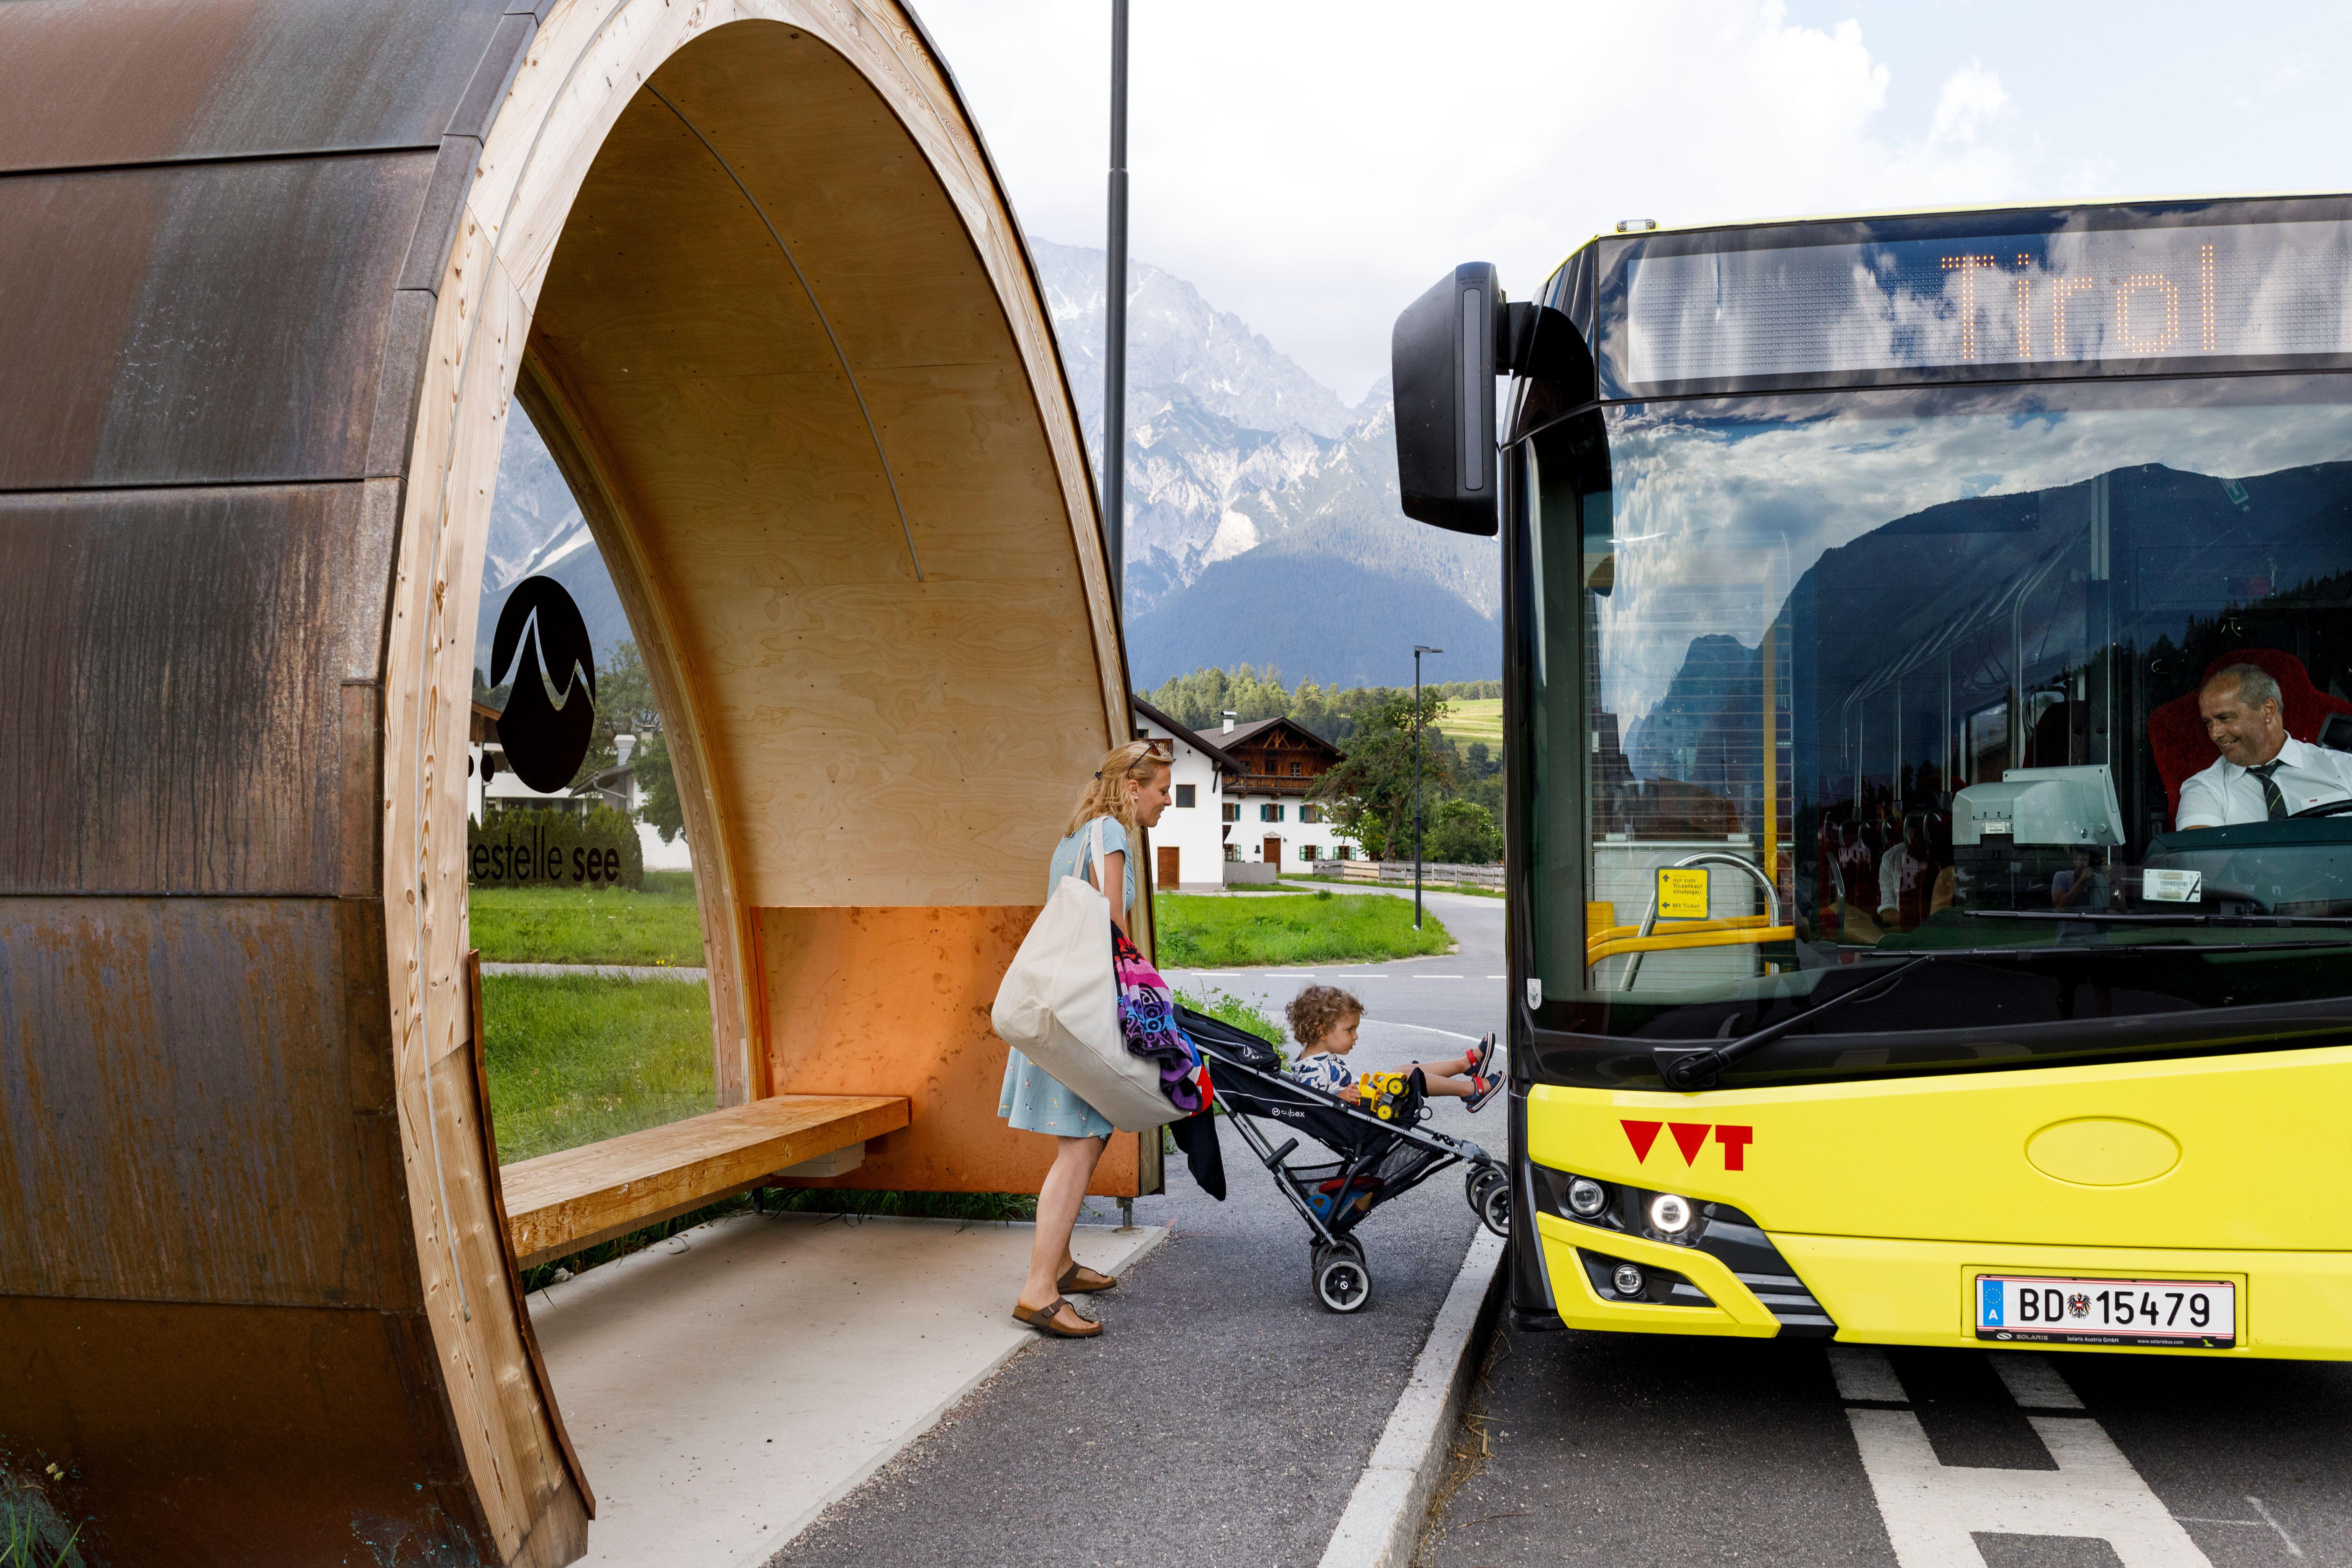 Bushaltestelle Mieming, Frau mit Kinderwagen